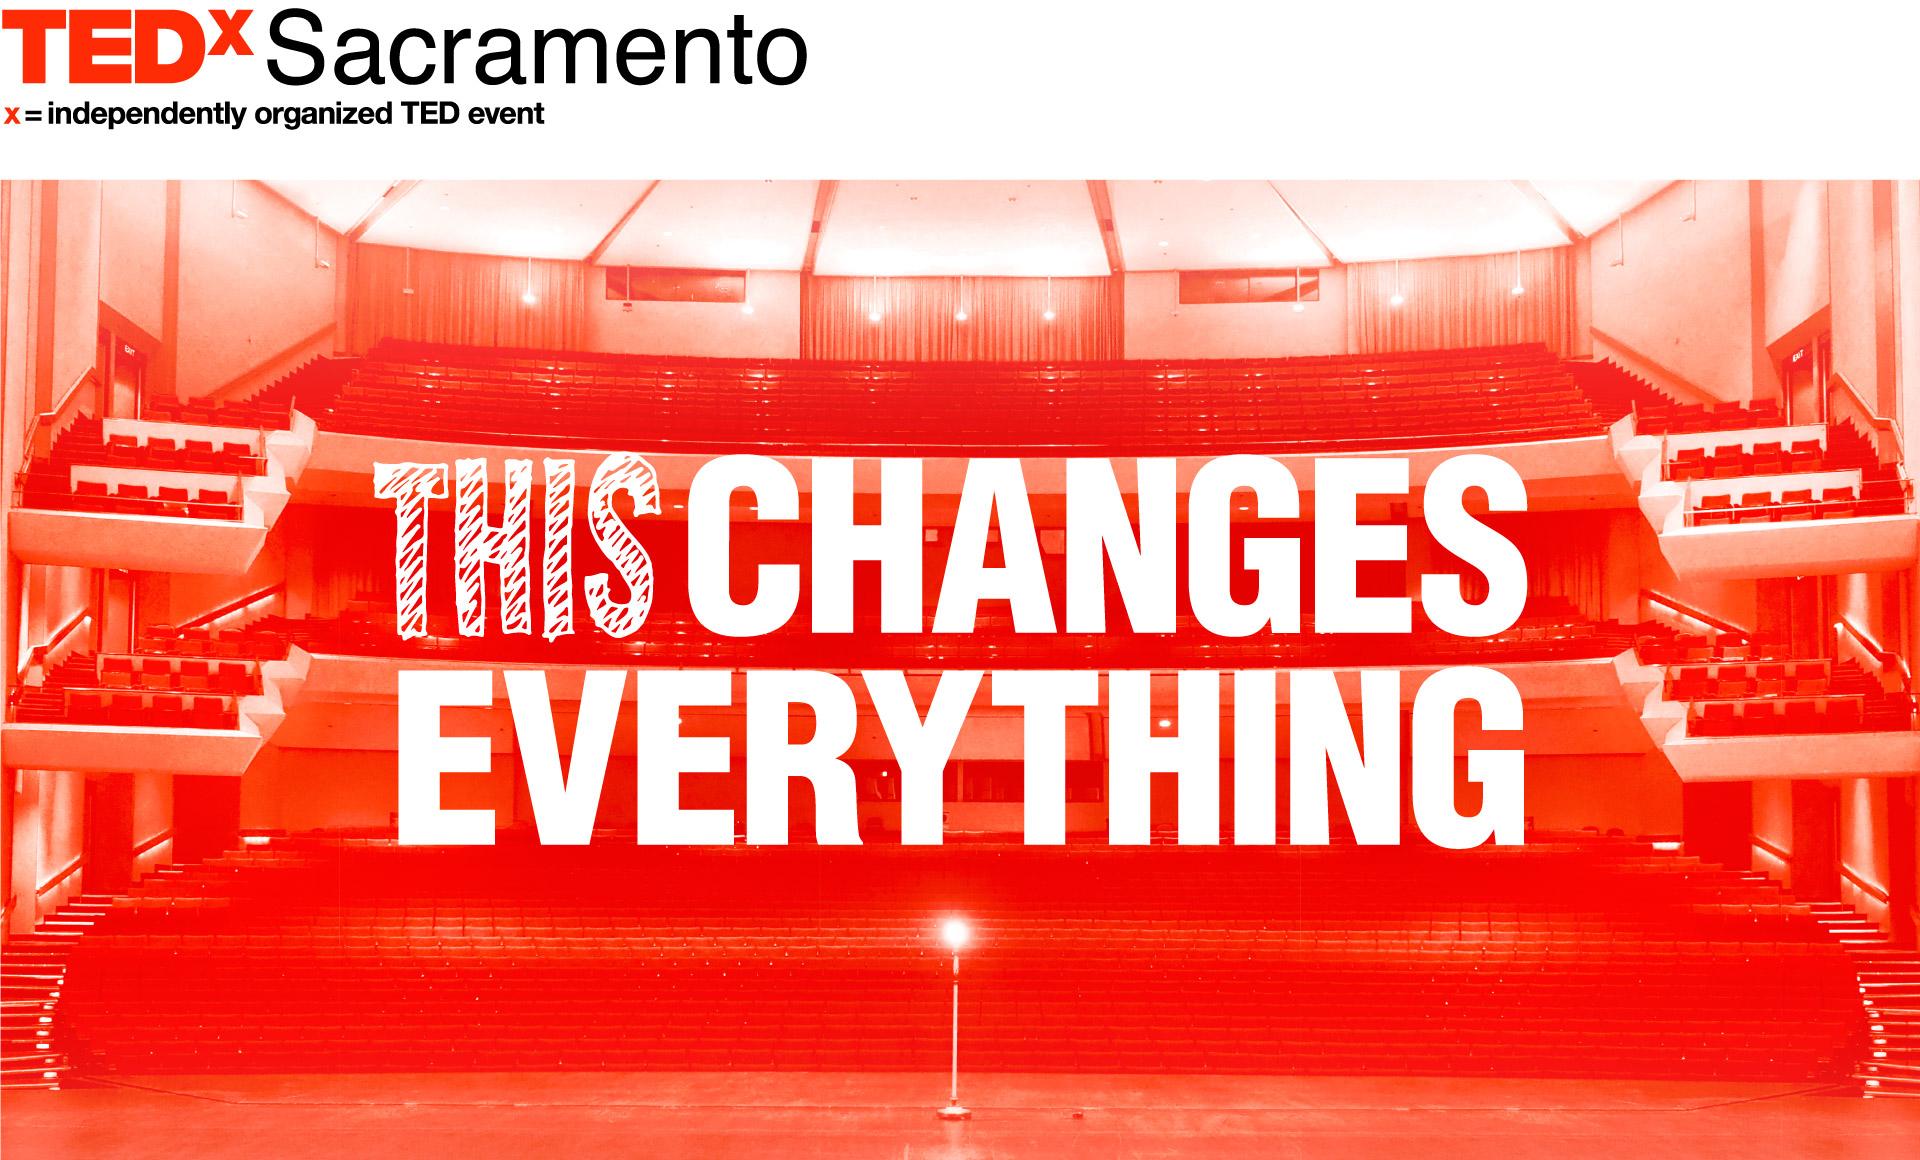 Blog — TEDxSacramento